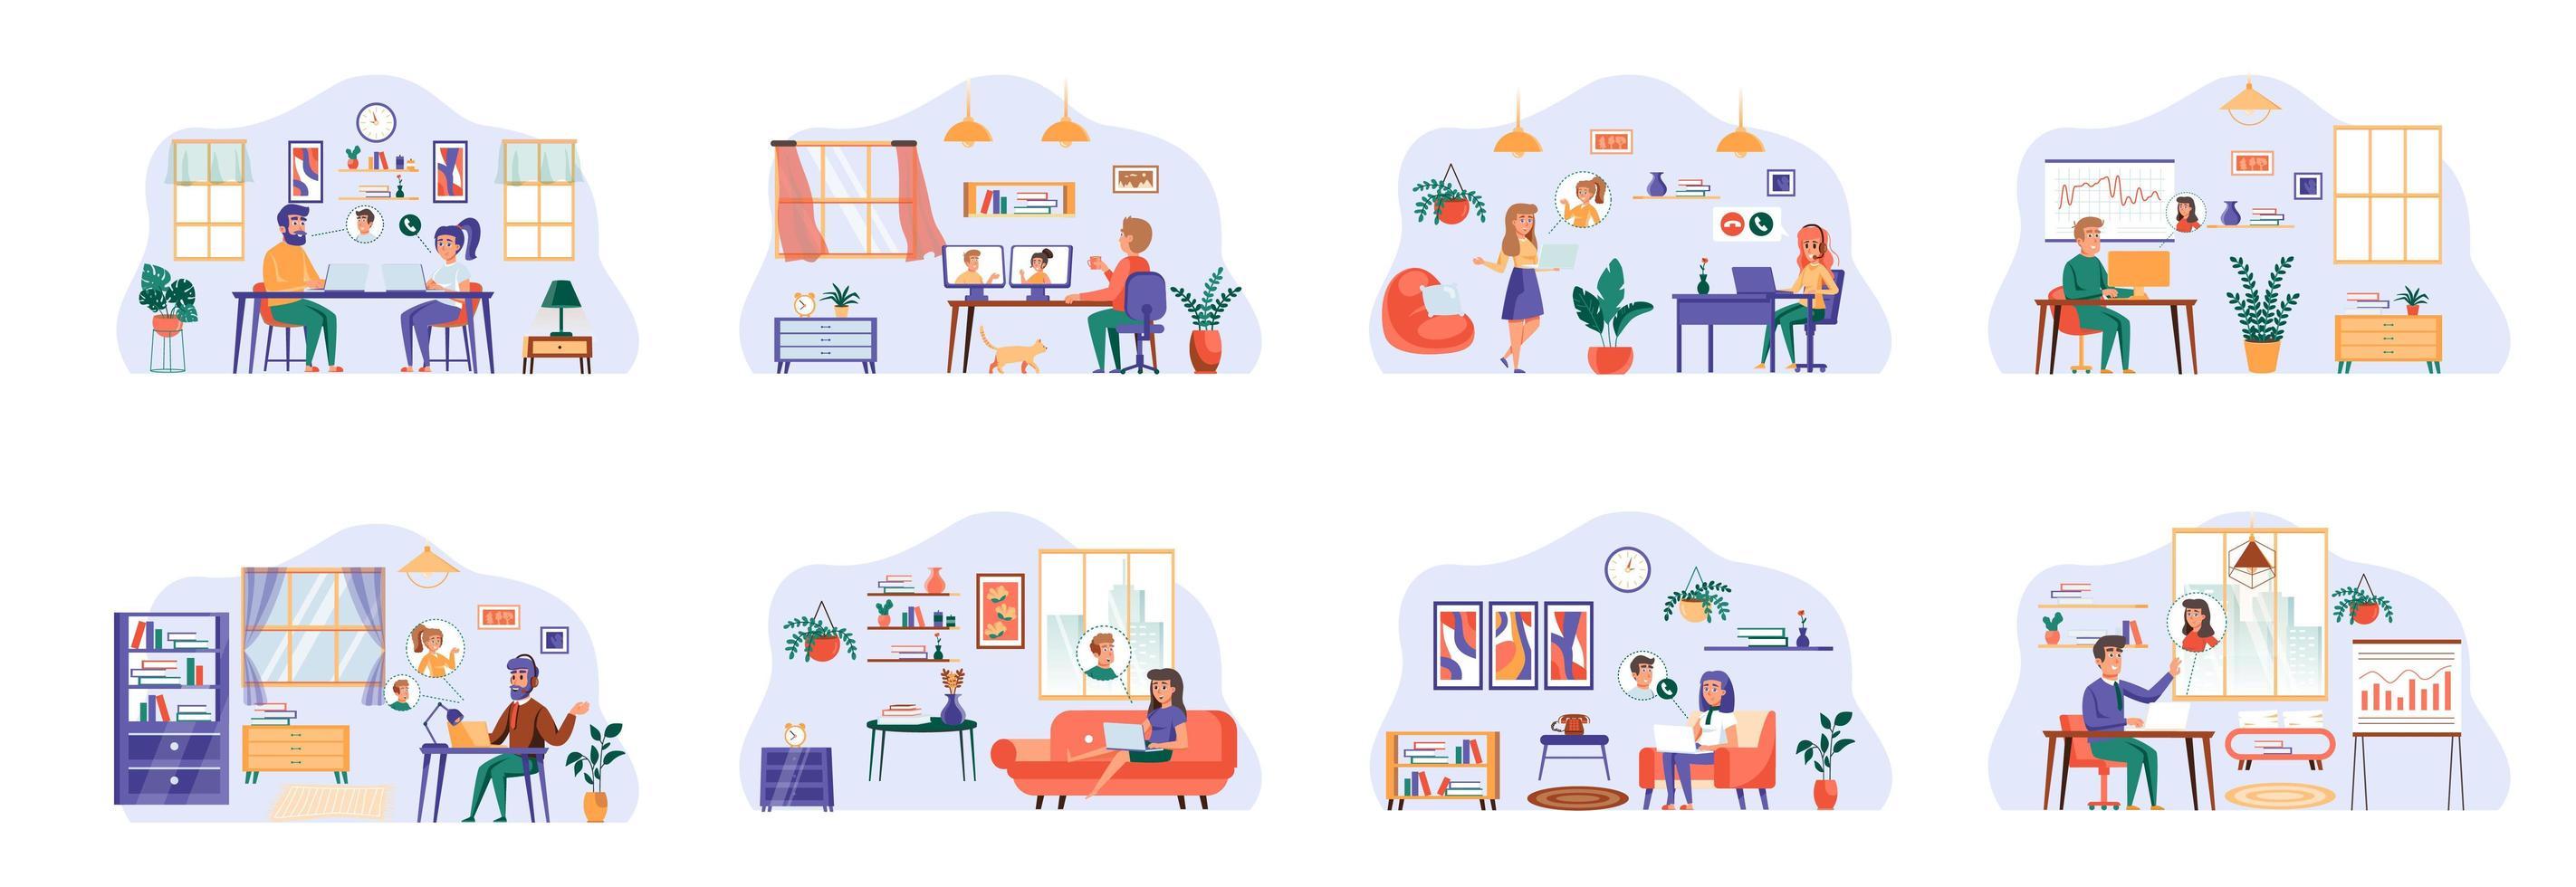 videoconferentiebundel van scènes met karakters van platte mensen. vector